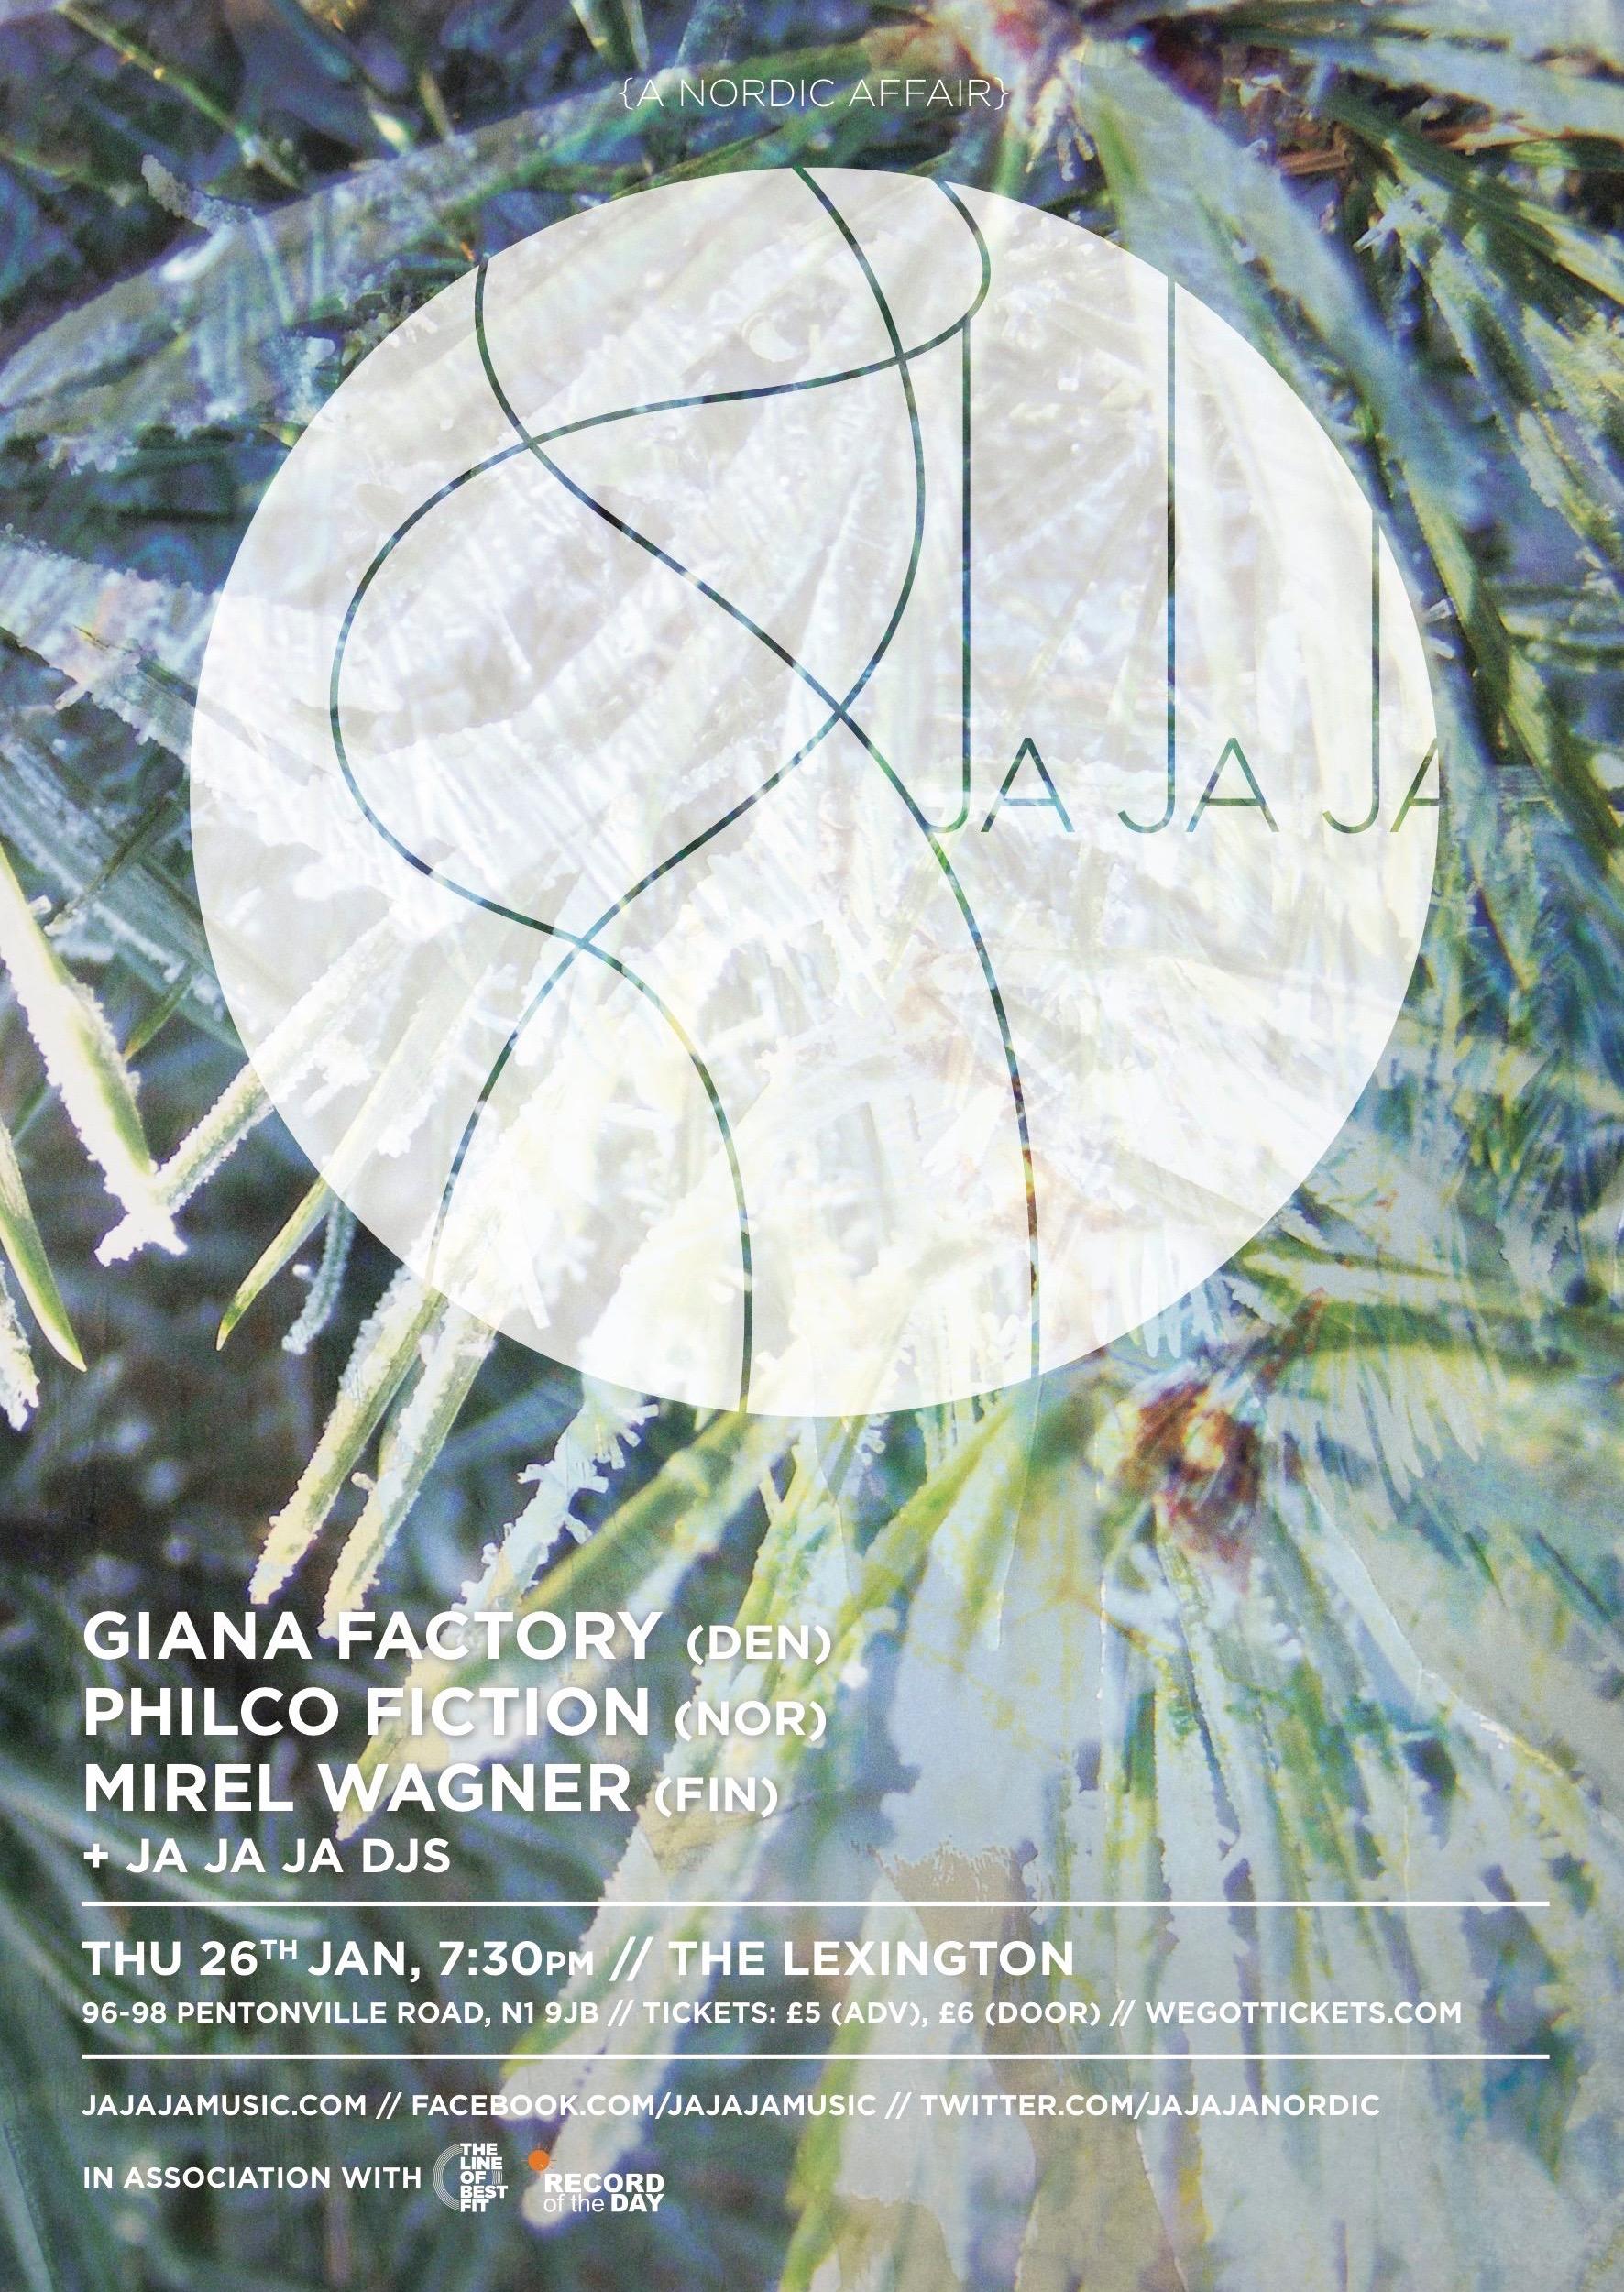 January 2012 – Giana Factory, Philco Fiction & Mirel Wagner